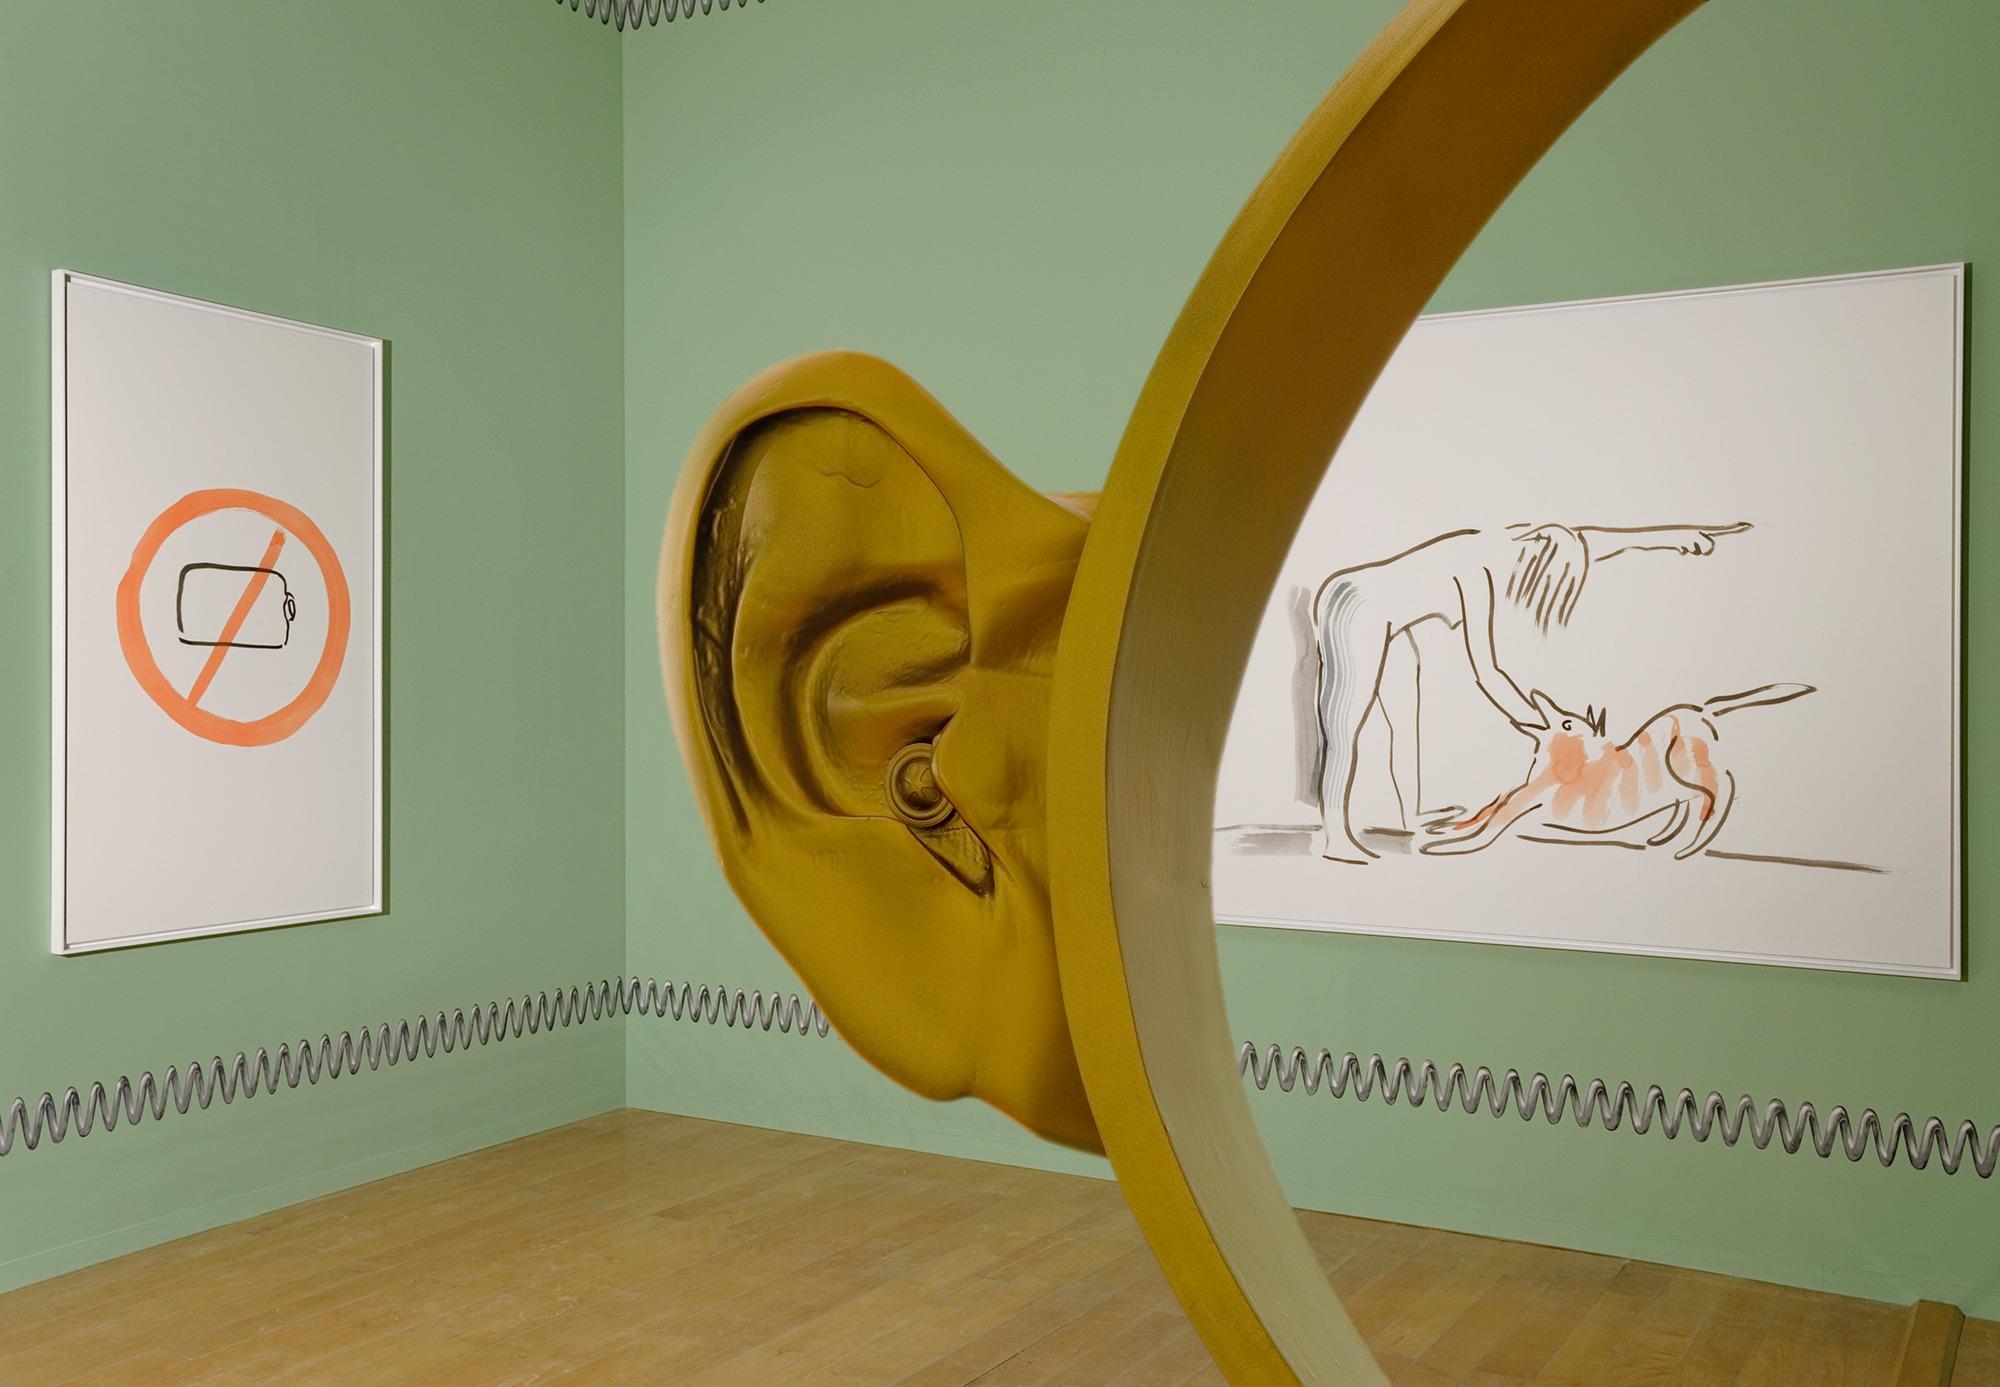 Camille Henrot, photo Blaise Adilon, courtesy Kamel Mennour et Biennale de Lyon